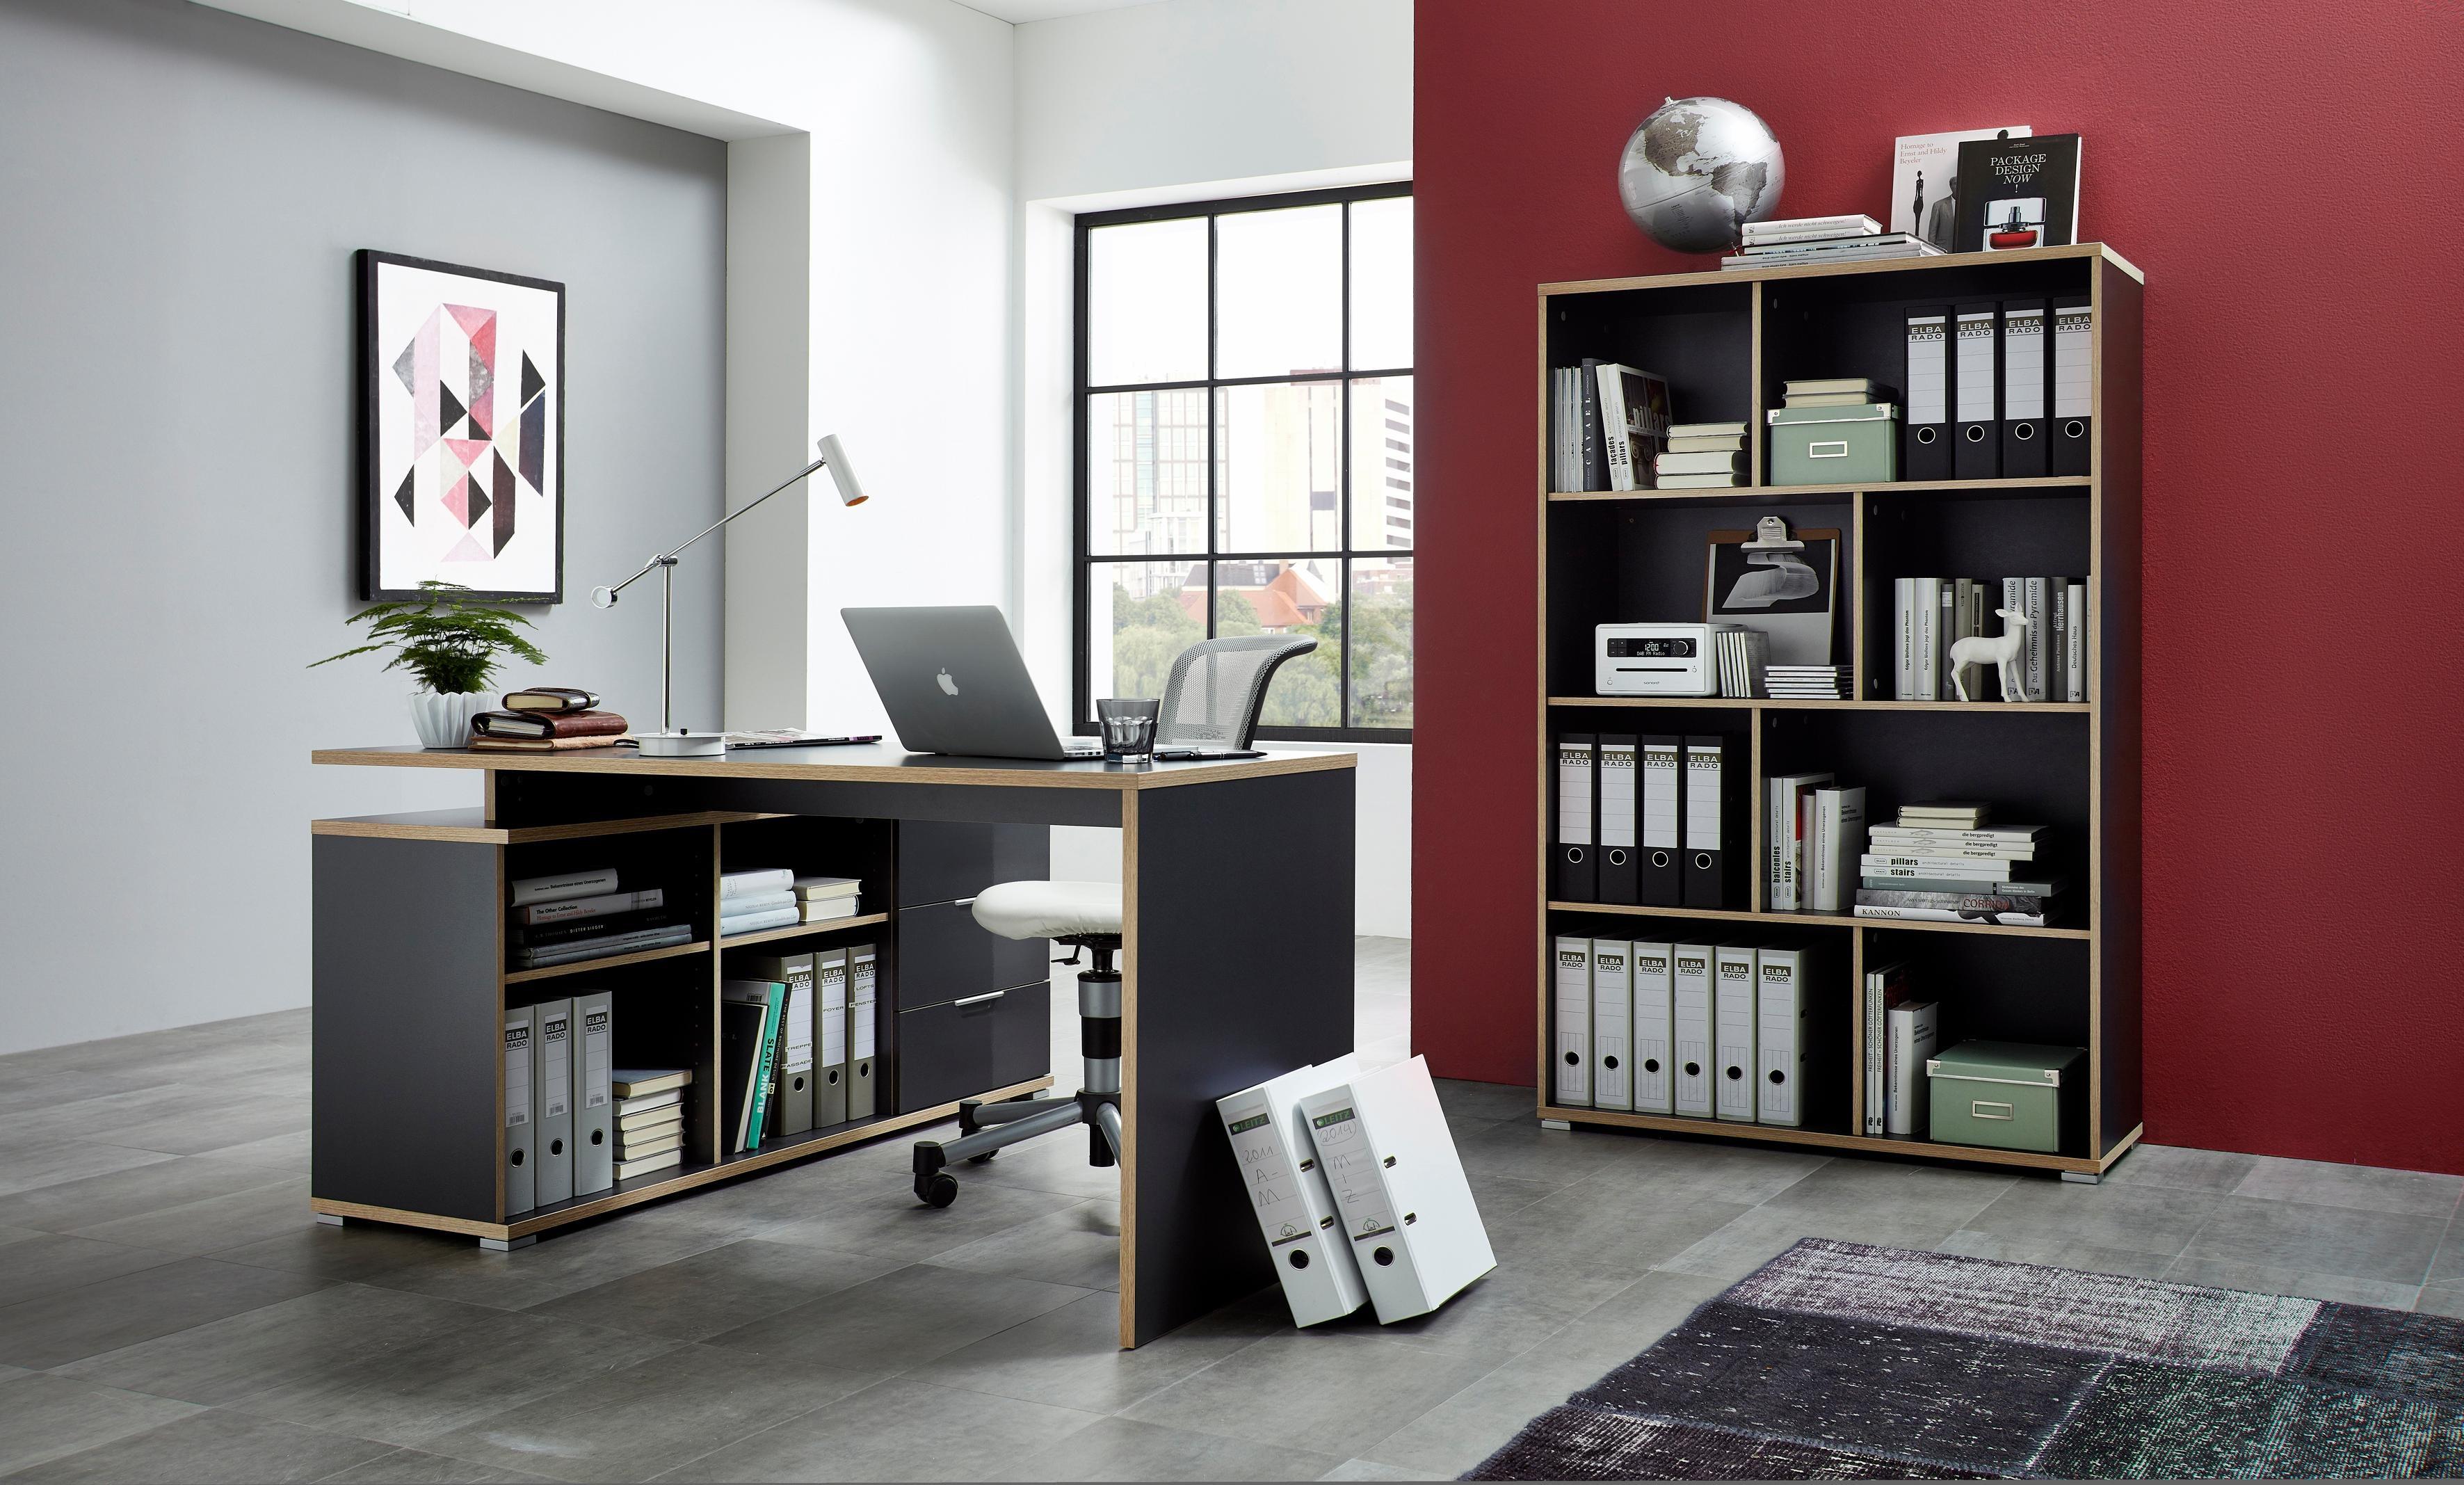 GERMANIA Büromöbel-Set »4081 + 4082« (2-tlg.) | Büro > Büromöbel-Serien | Melamin | GERMANIA